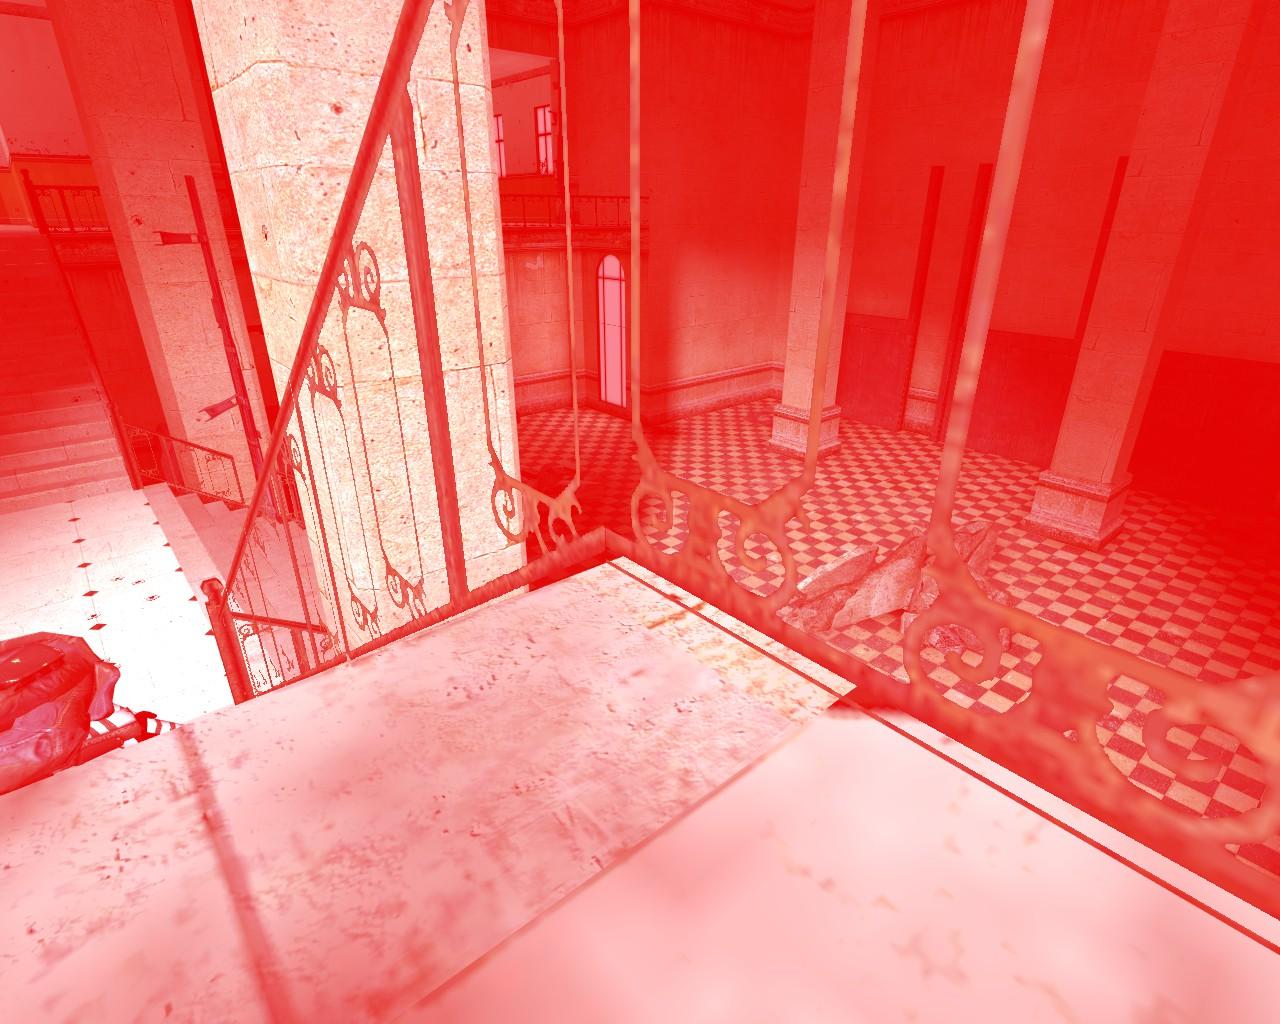 d3_c17_10b0006.jpg - Half-Life 2